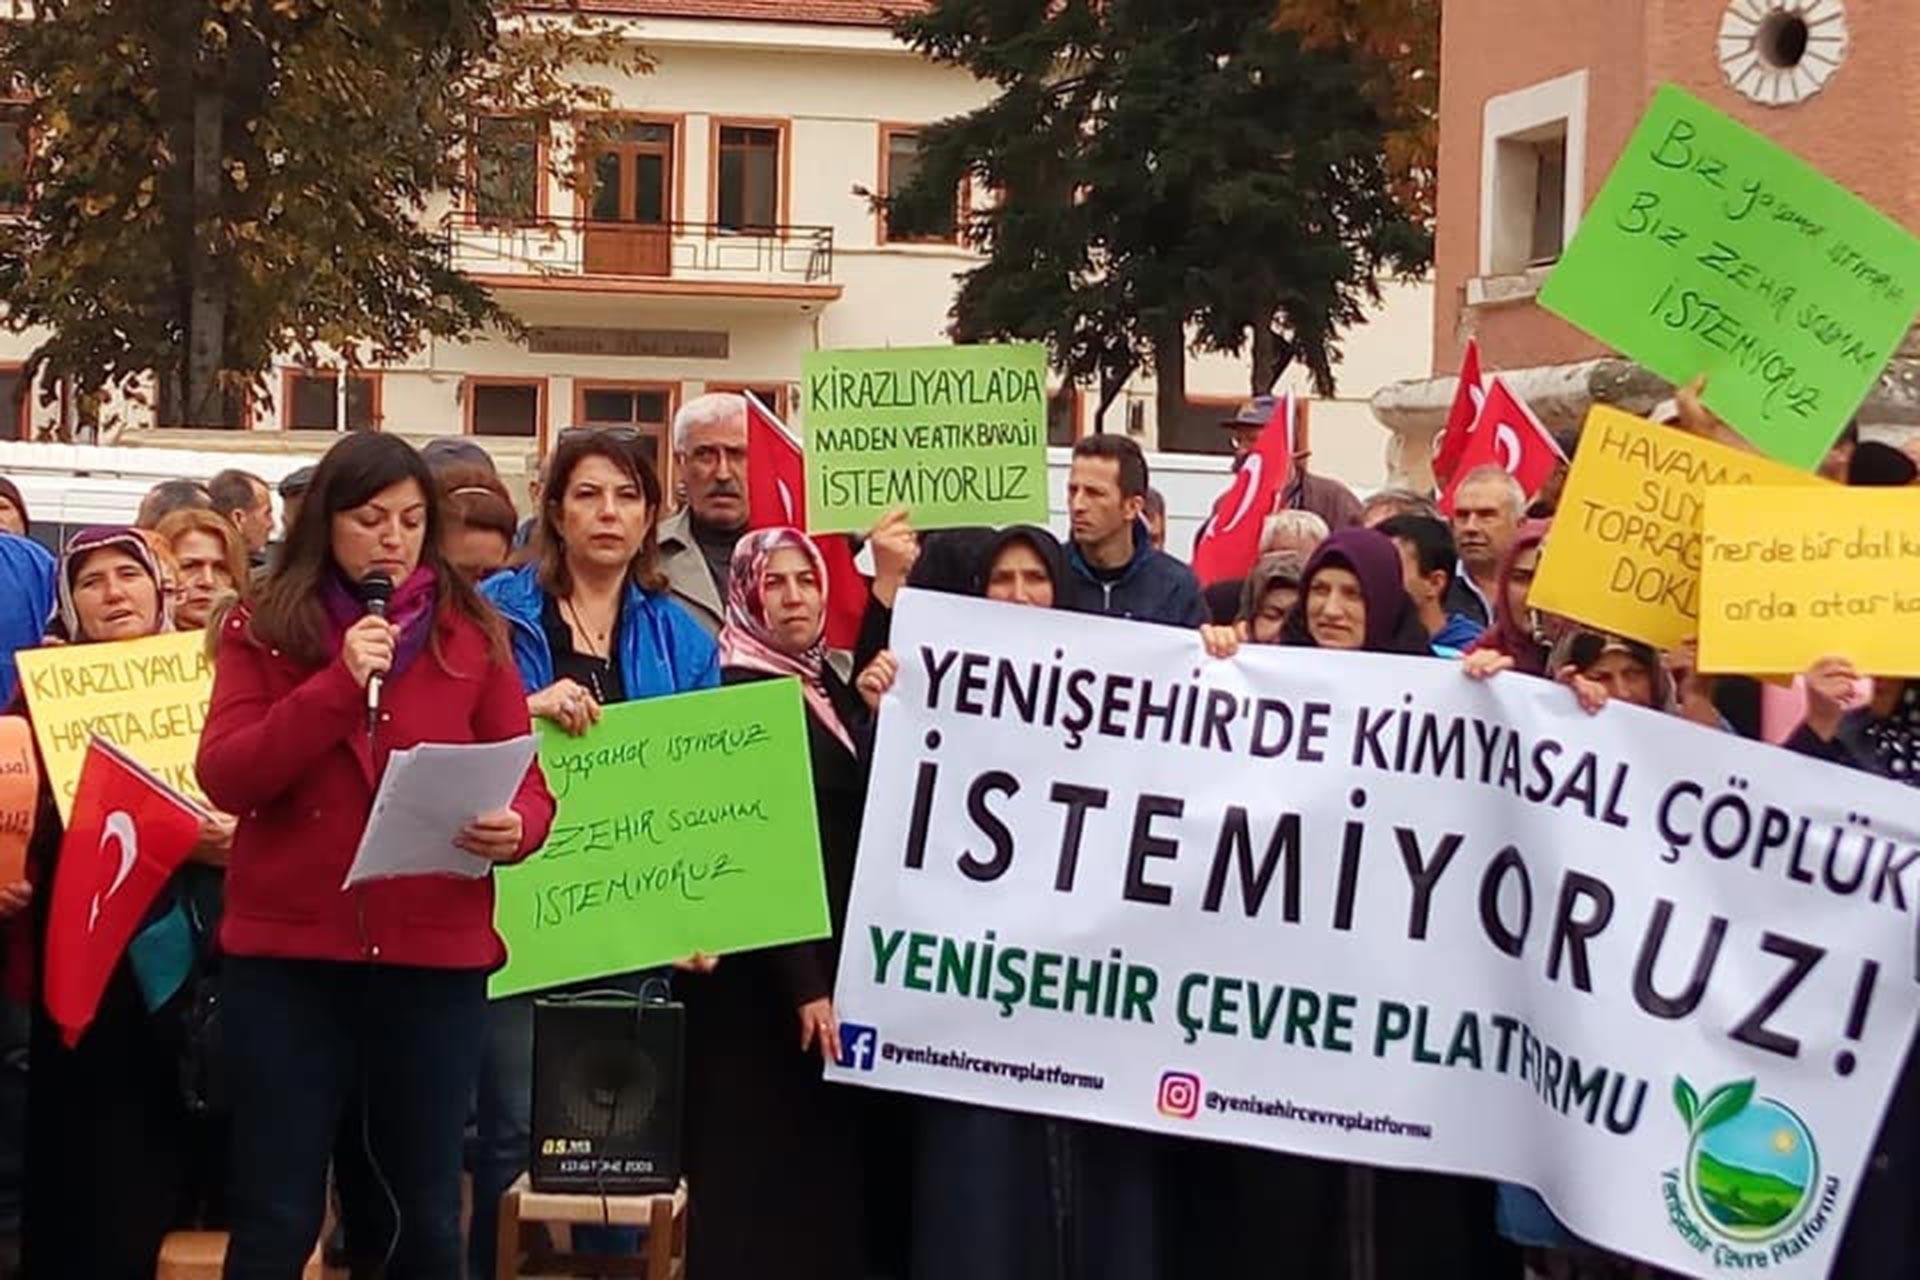 Bursa Yenişehir halkı, maden zenginleştirme tesisi istemiyor